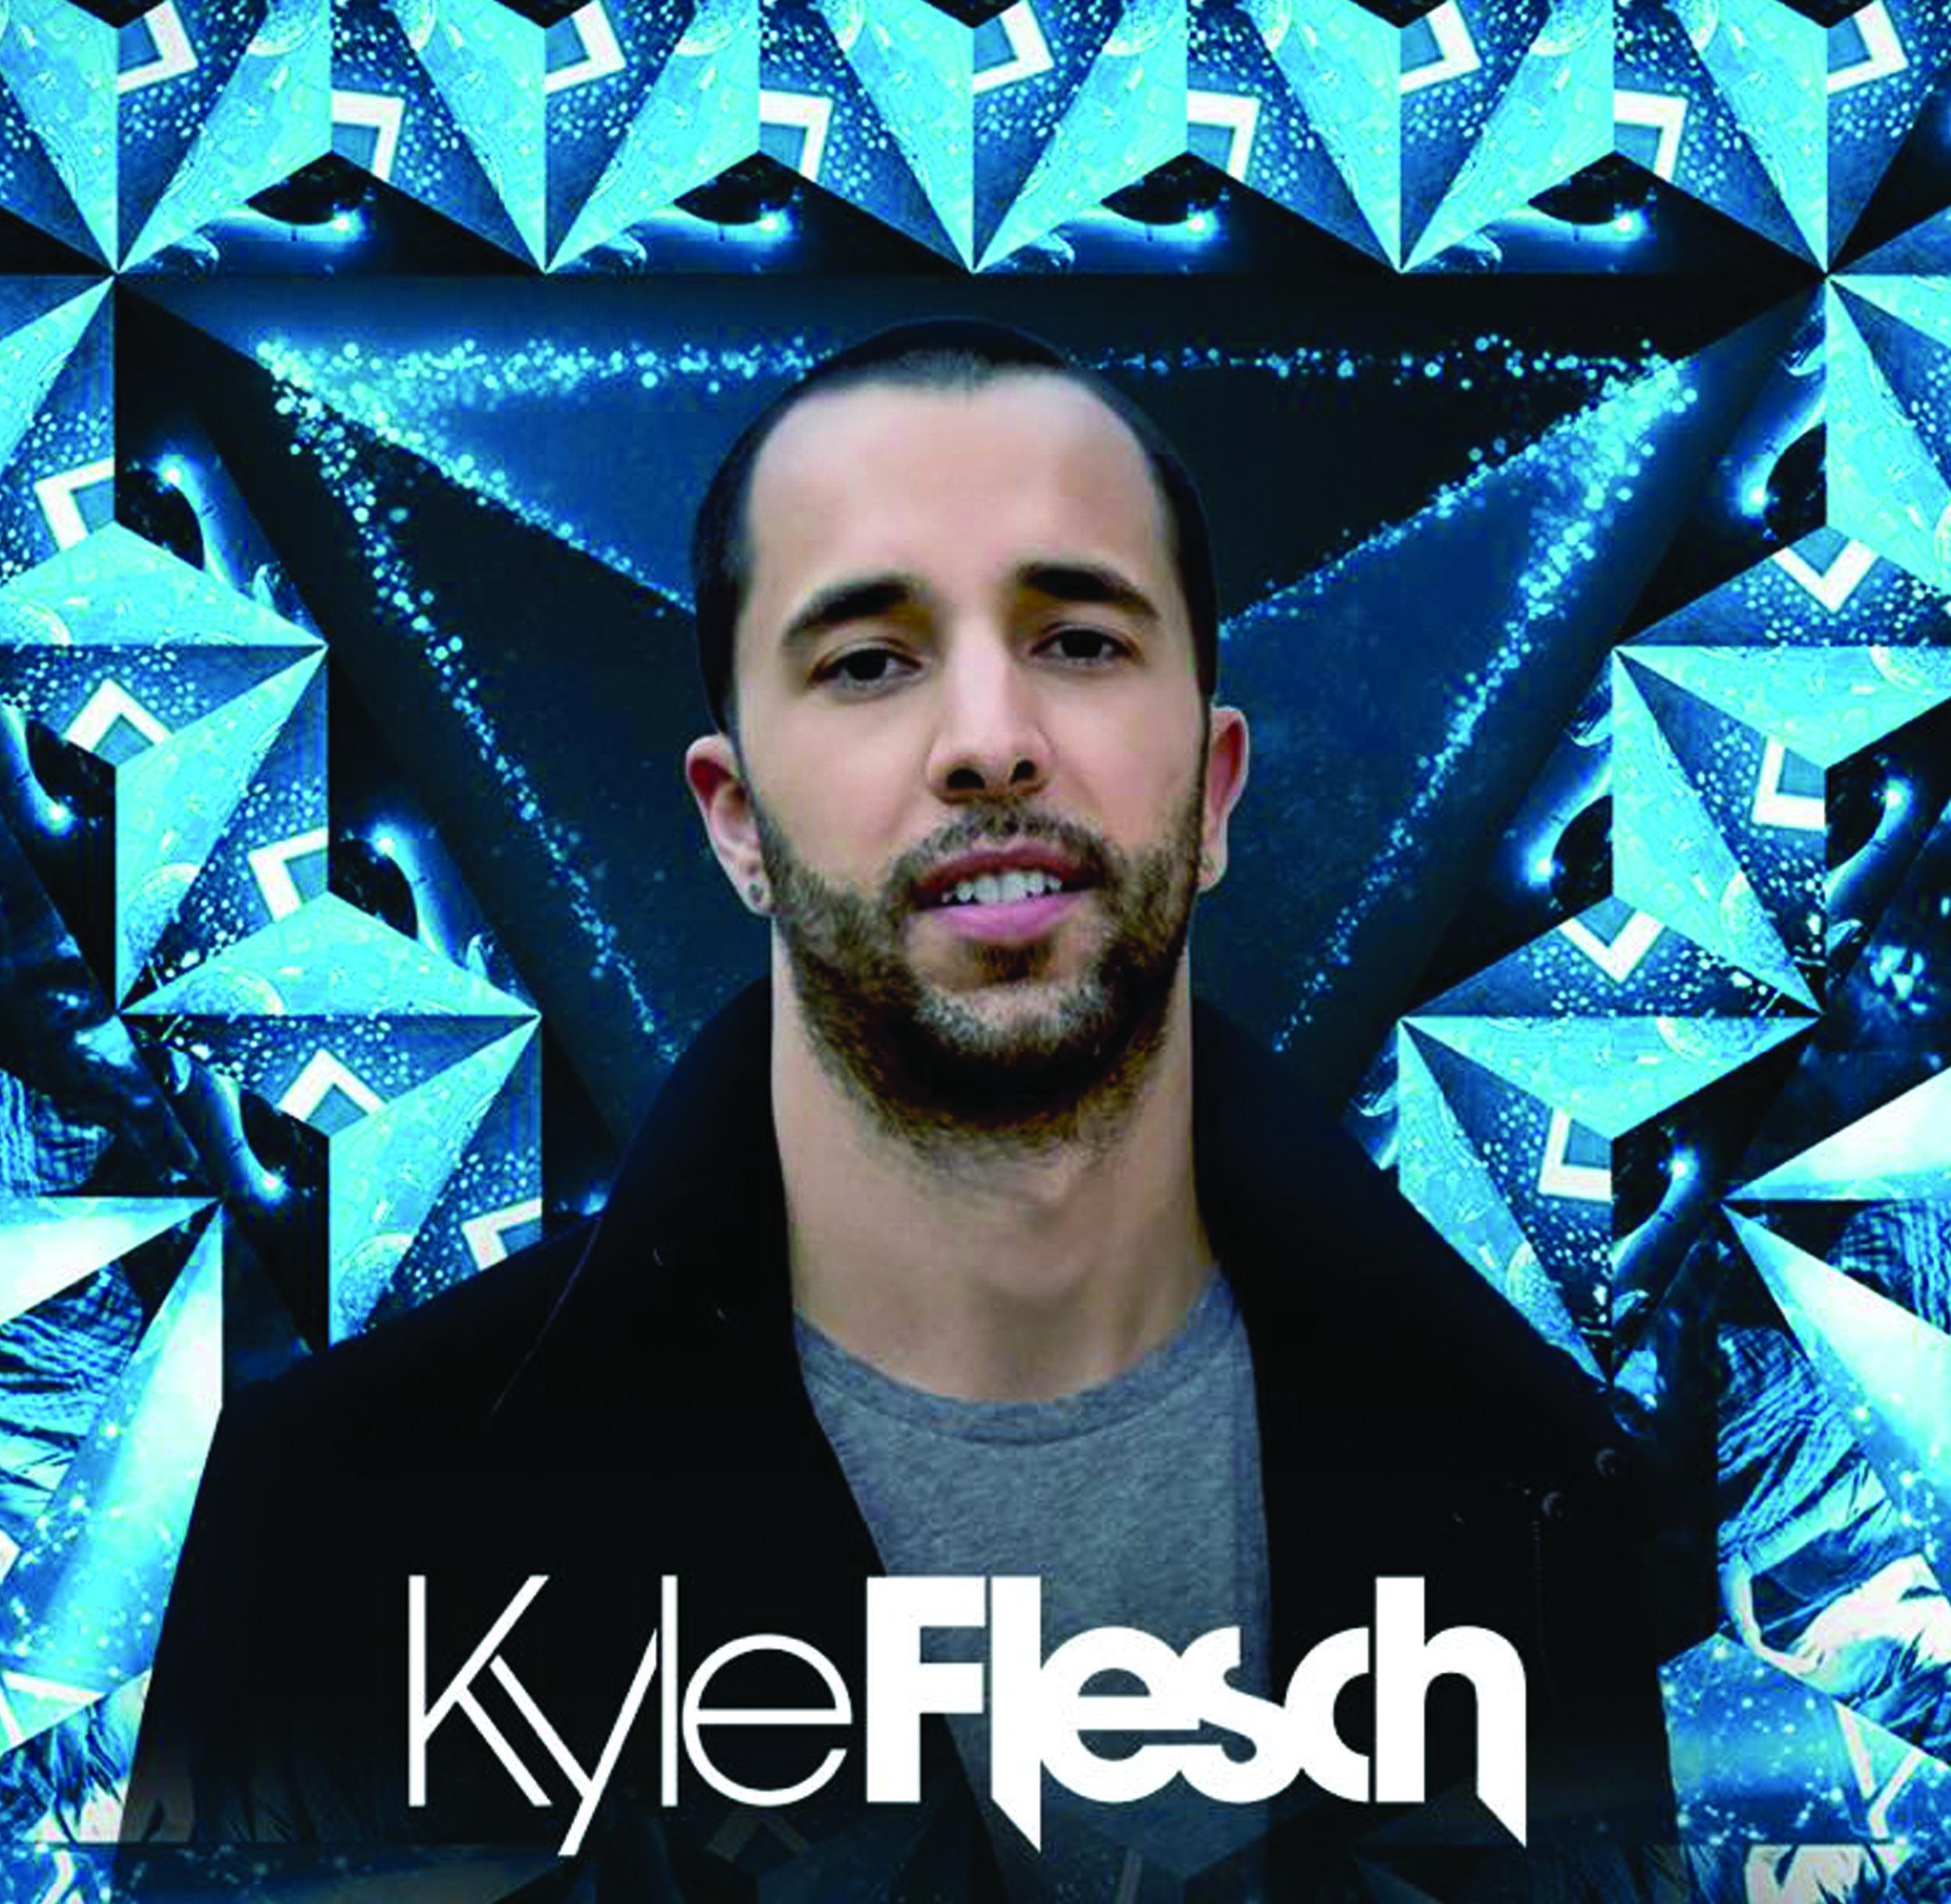 KYLE FLESCH.jpg